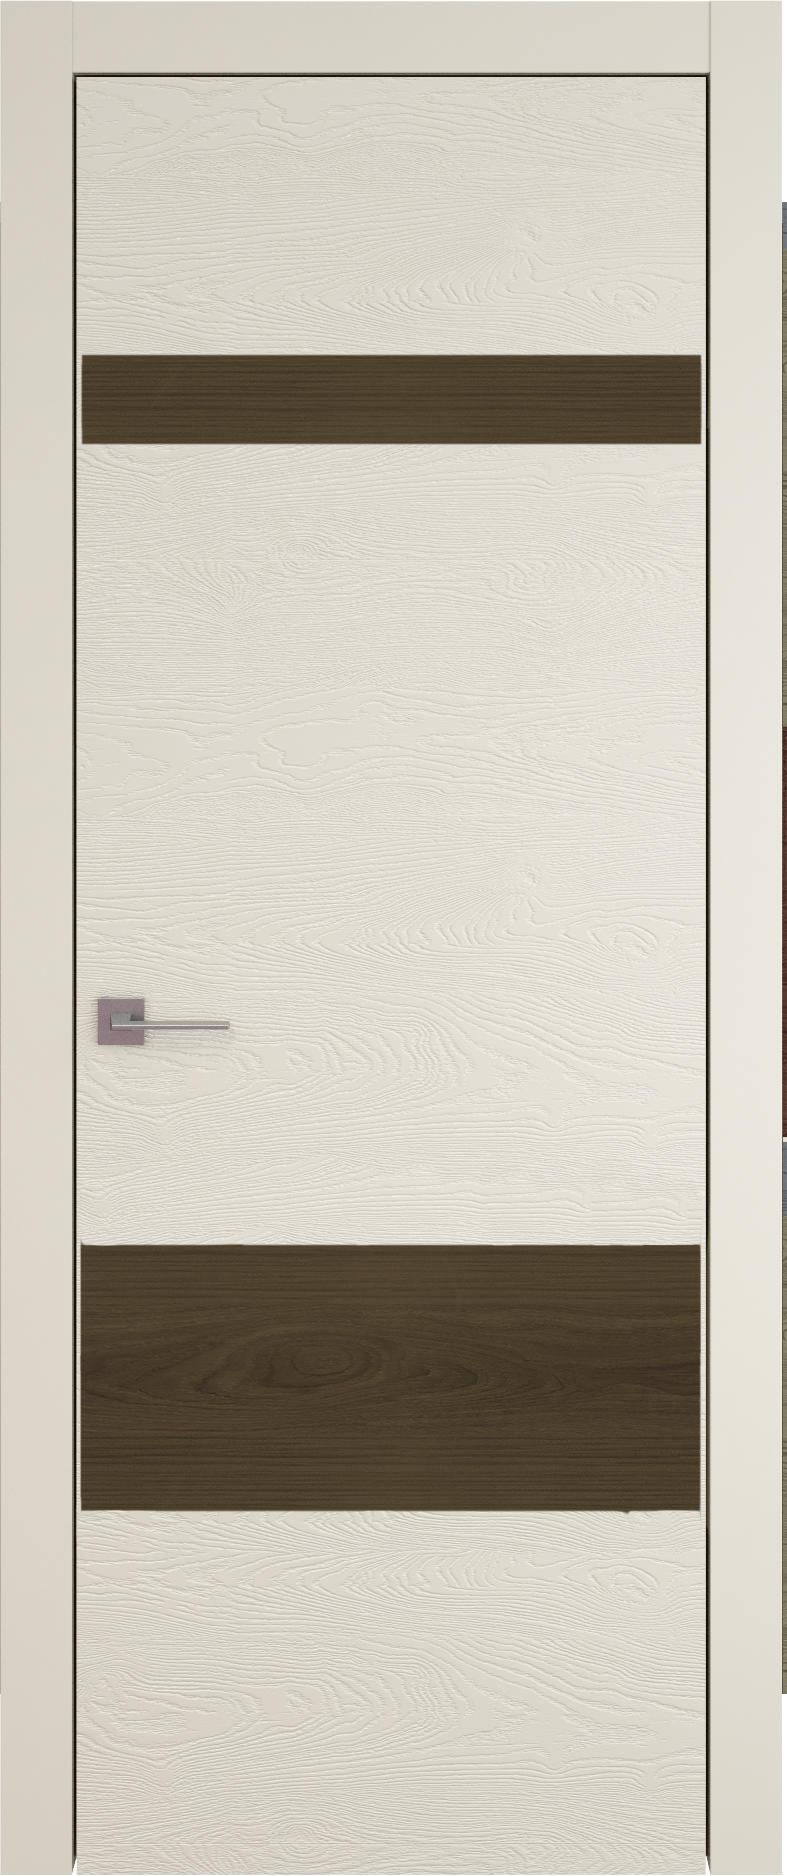 Tivoli К-4 цвет - Жемчужная эмаль по шпону (RAL 1013) Без стекла (ДГ)